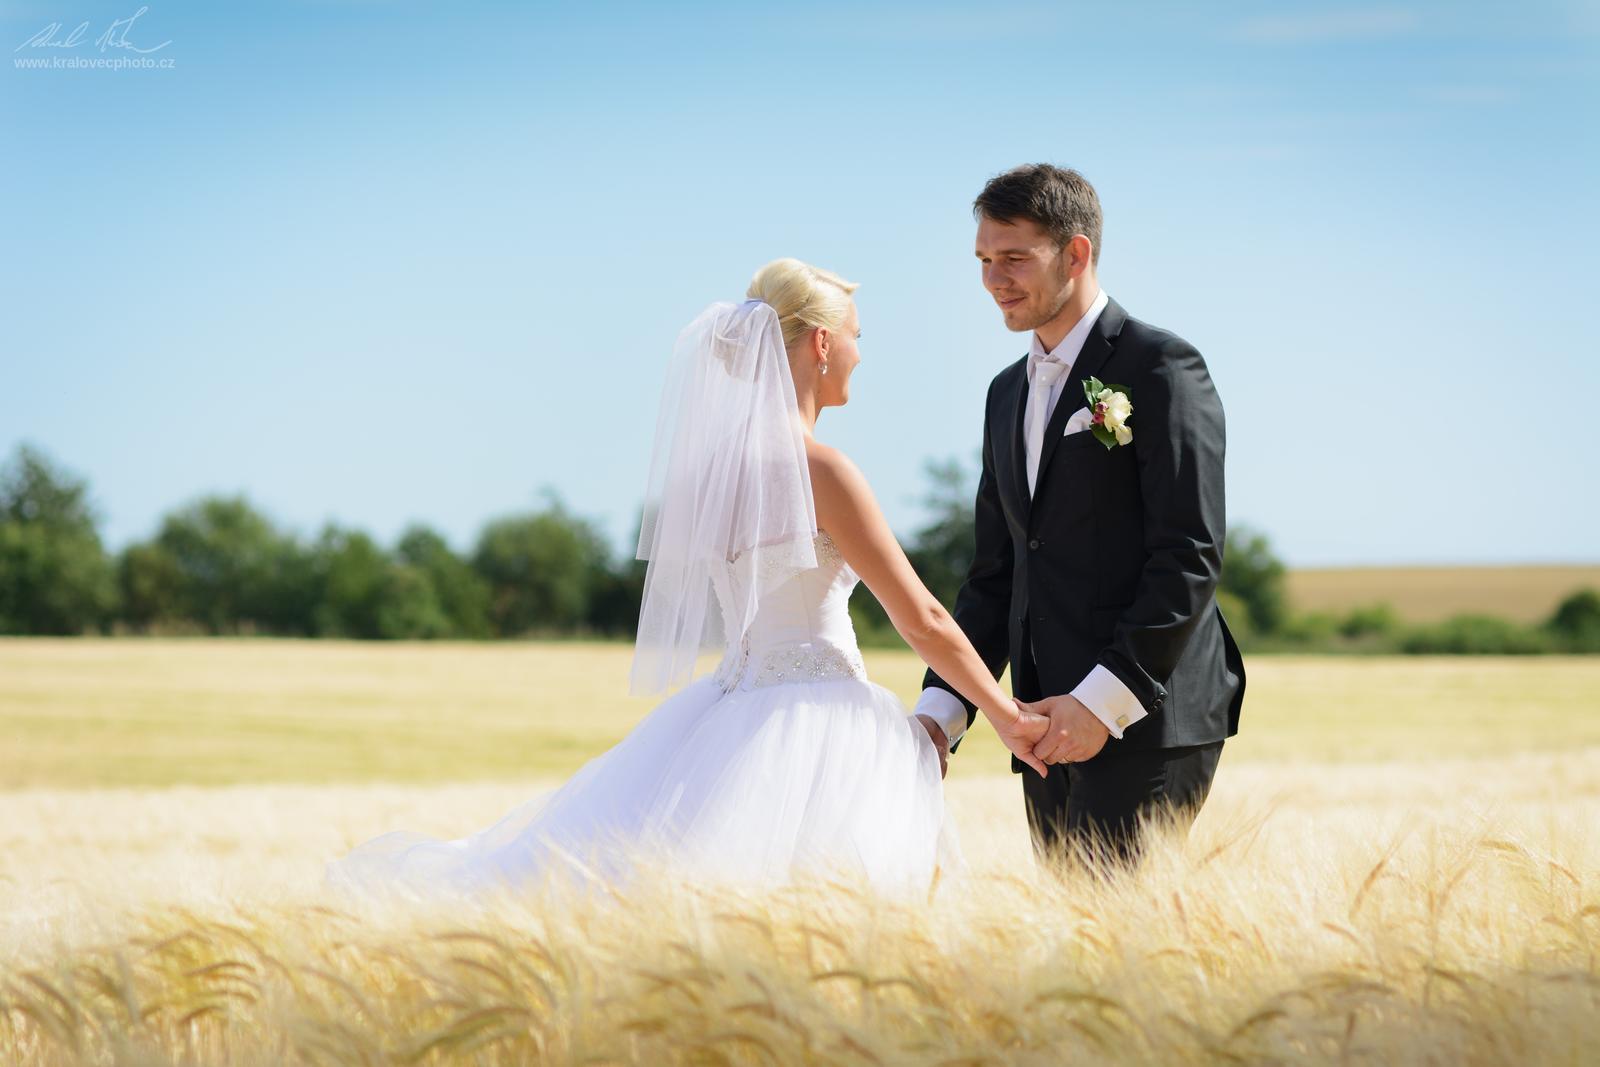 Svatební fotograf Karel Královec - kralovecphoto - Obrázek č. 42